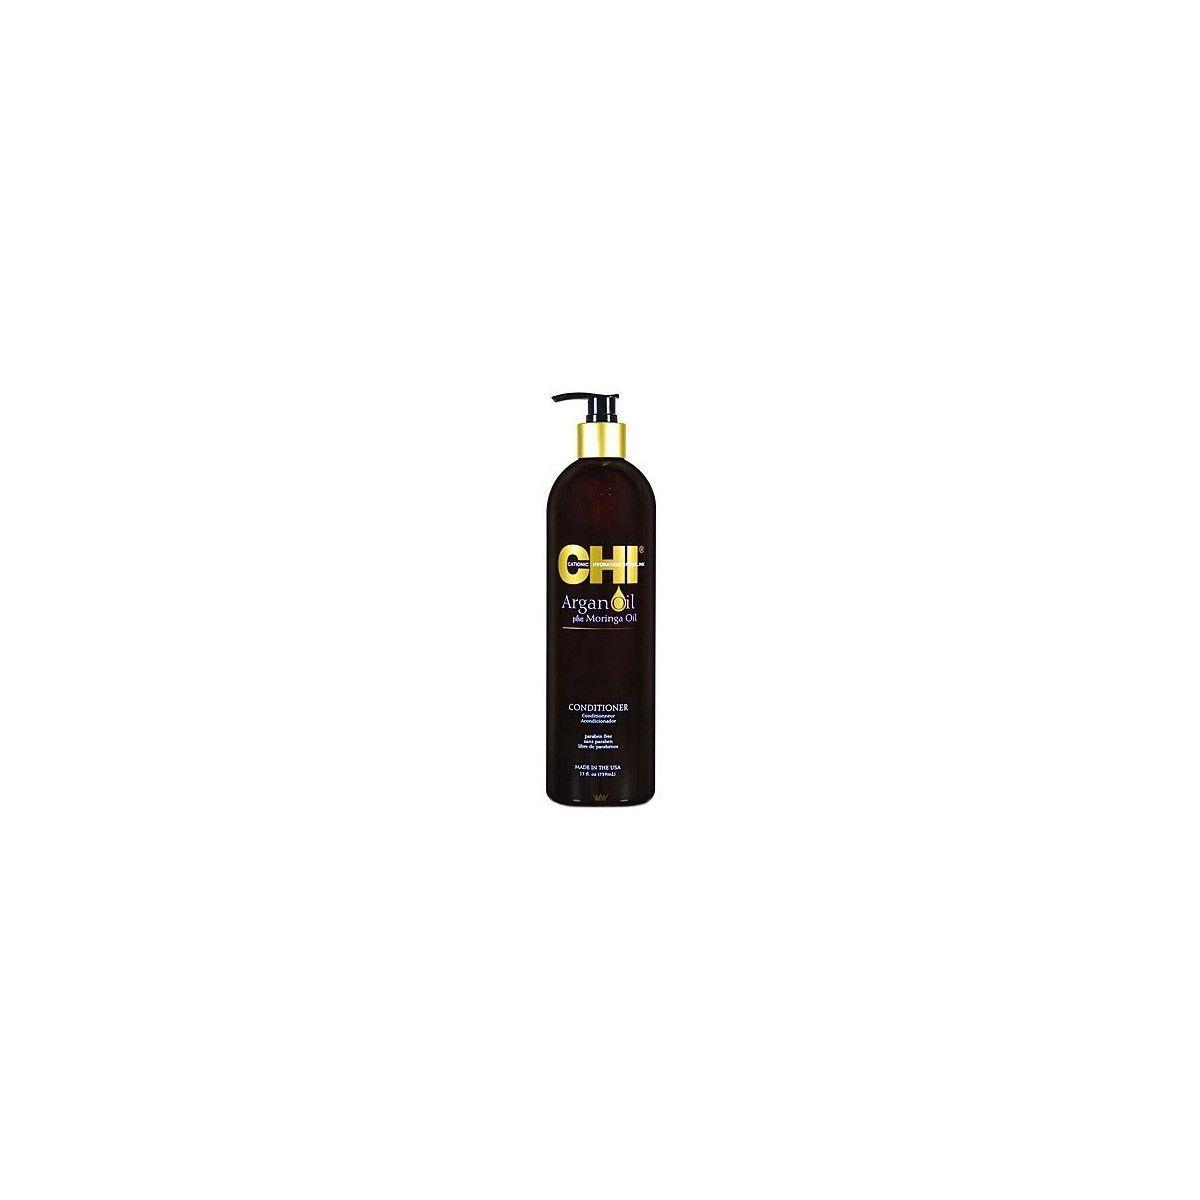 CHI Argan Oil Moringa, Odżywka wzmacniająca z olejkiem arganowym 739ml